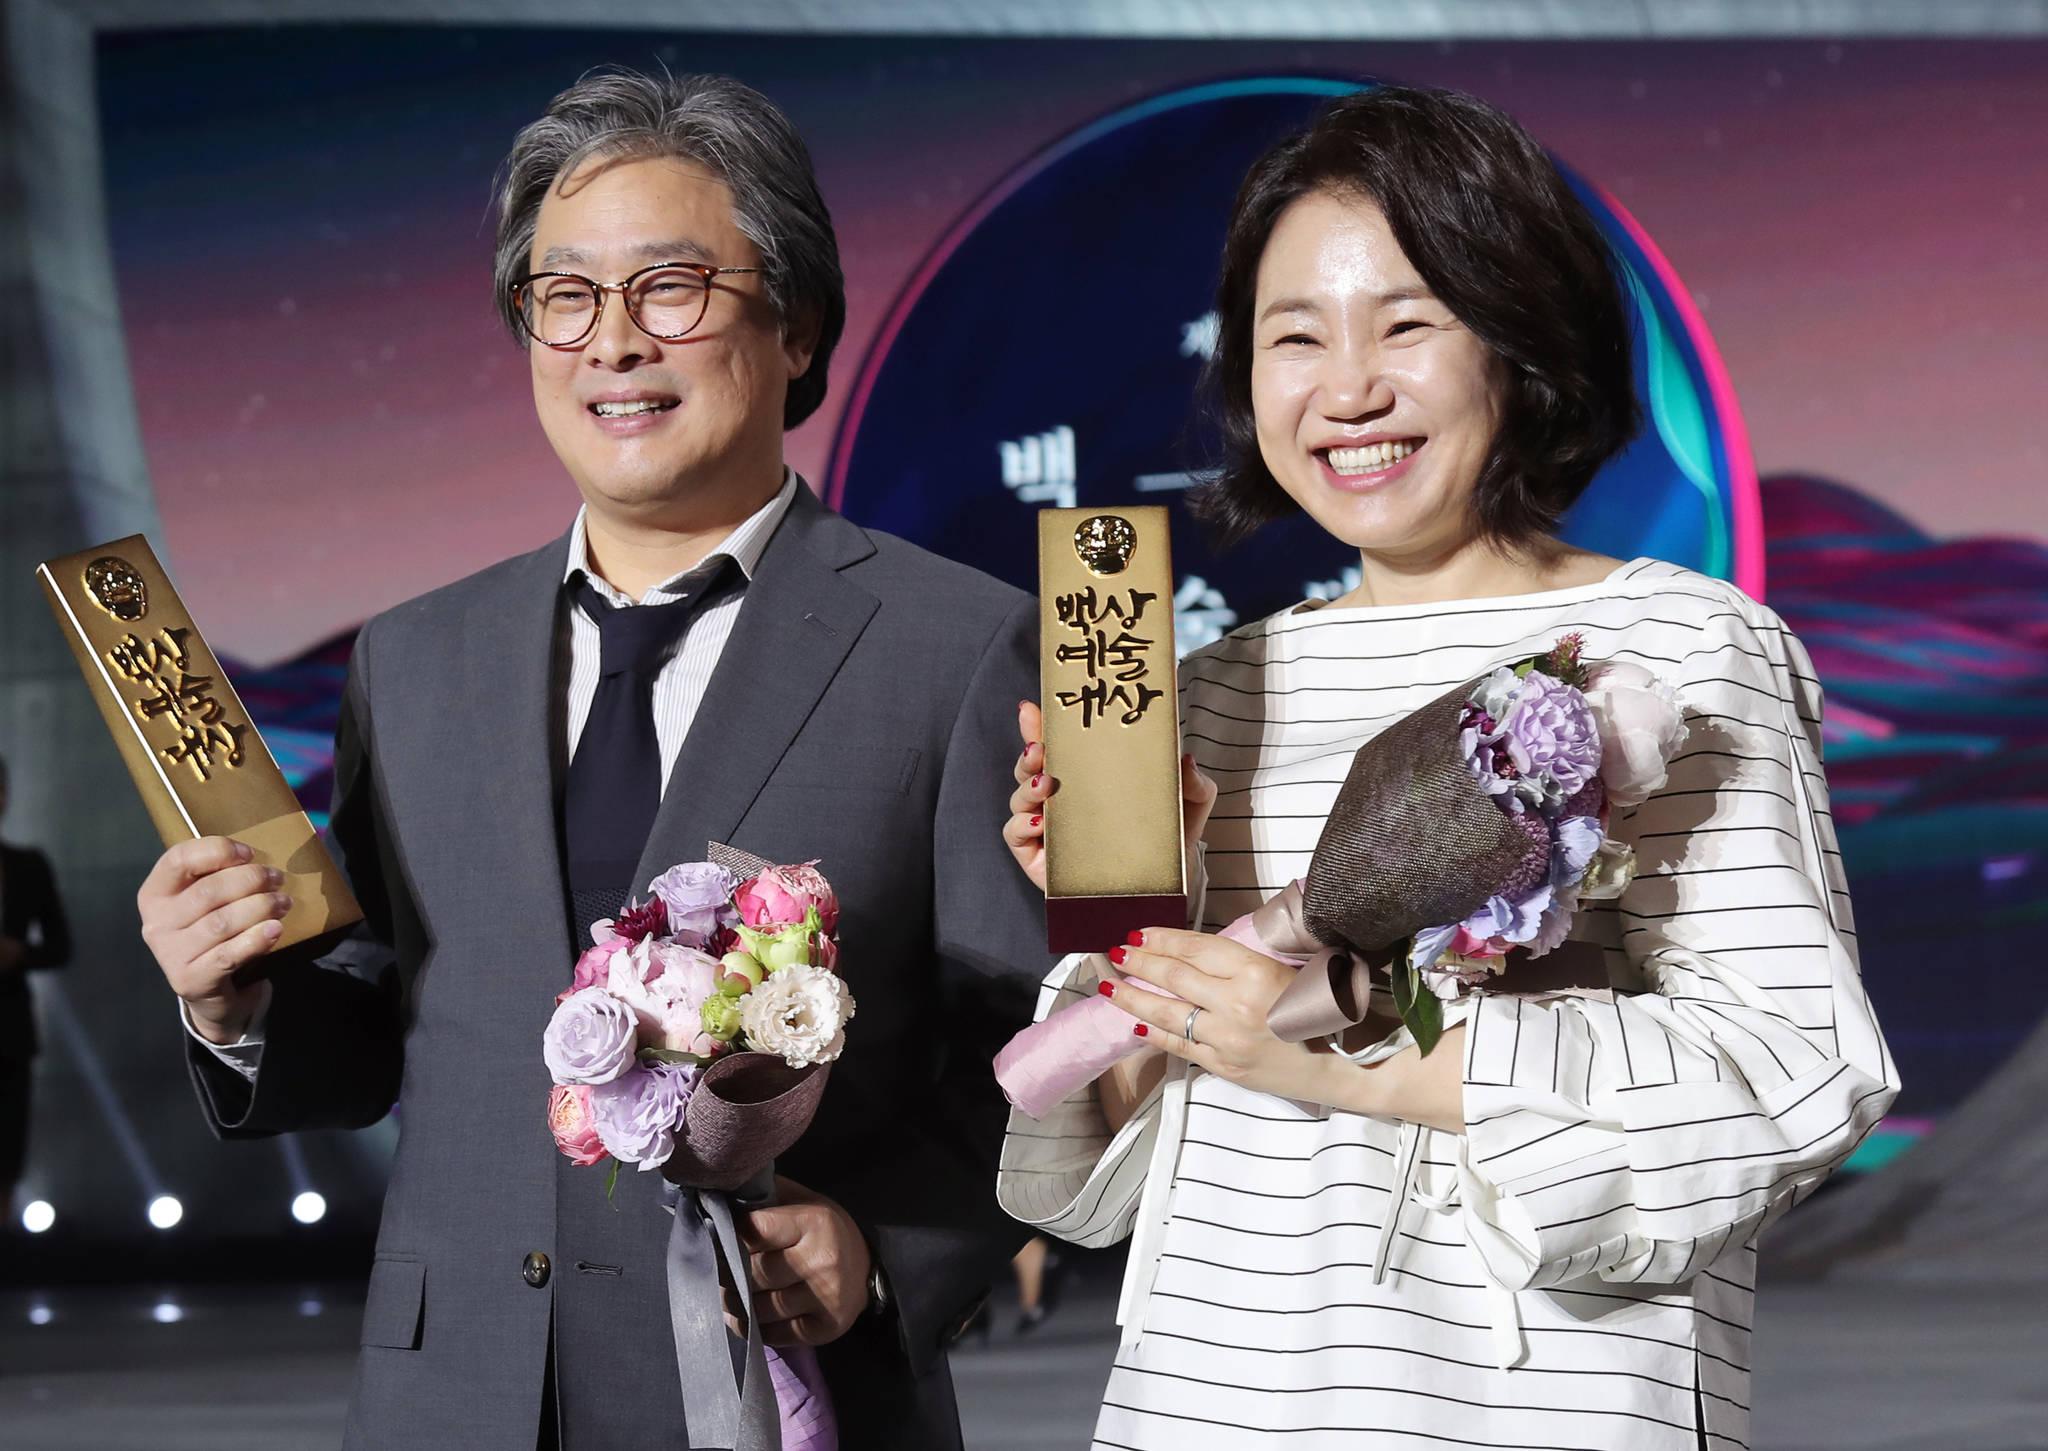 제53회 백상예술대상 시상식 대상,박찬욱과 김은숙